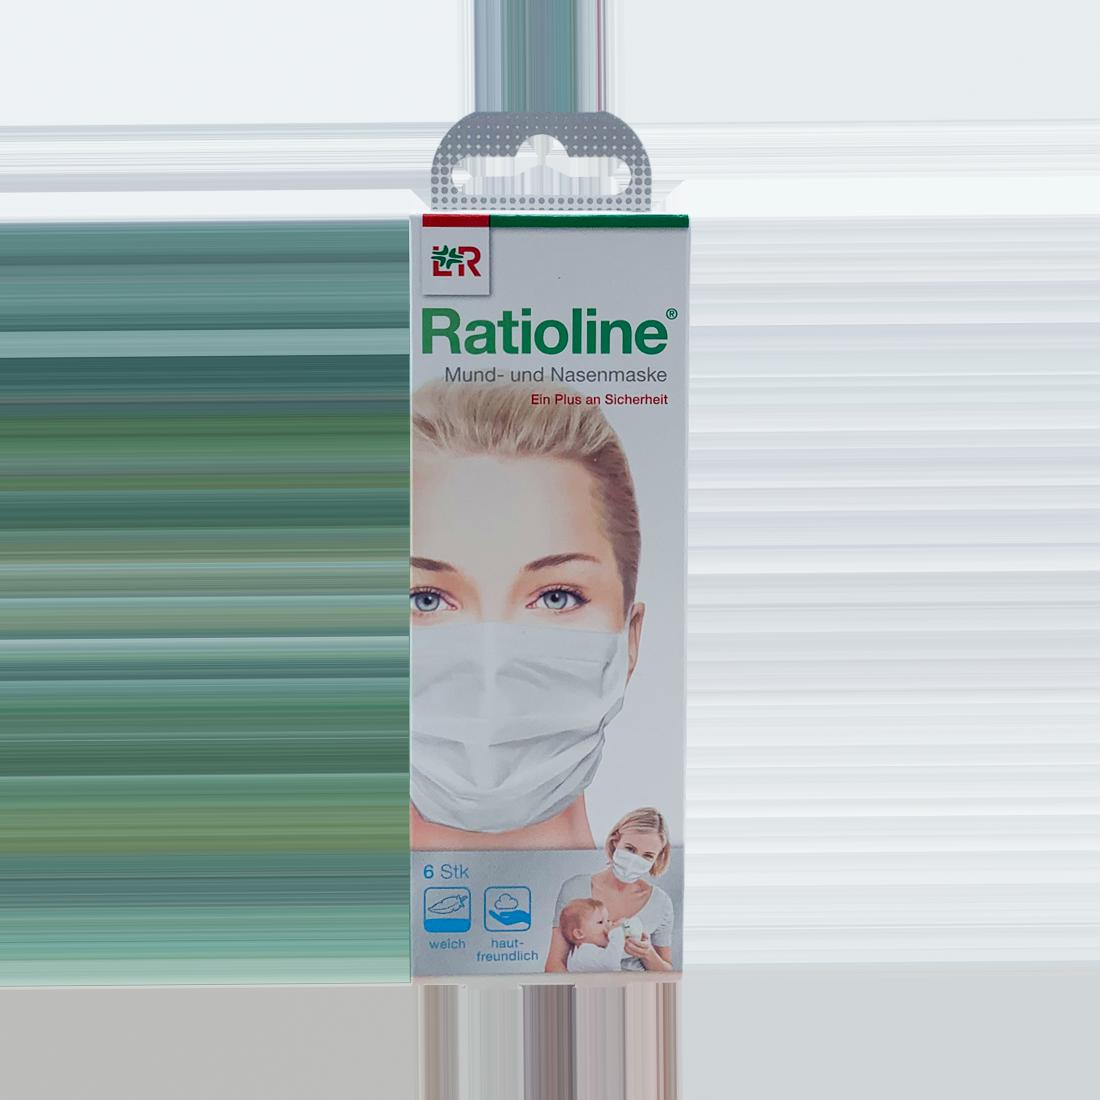 Ratioline Mund- und Nasenmaske, 6 Stück/Packung, weiß